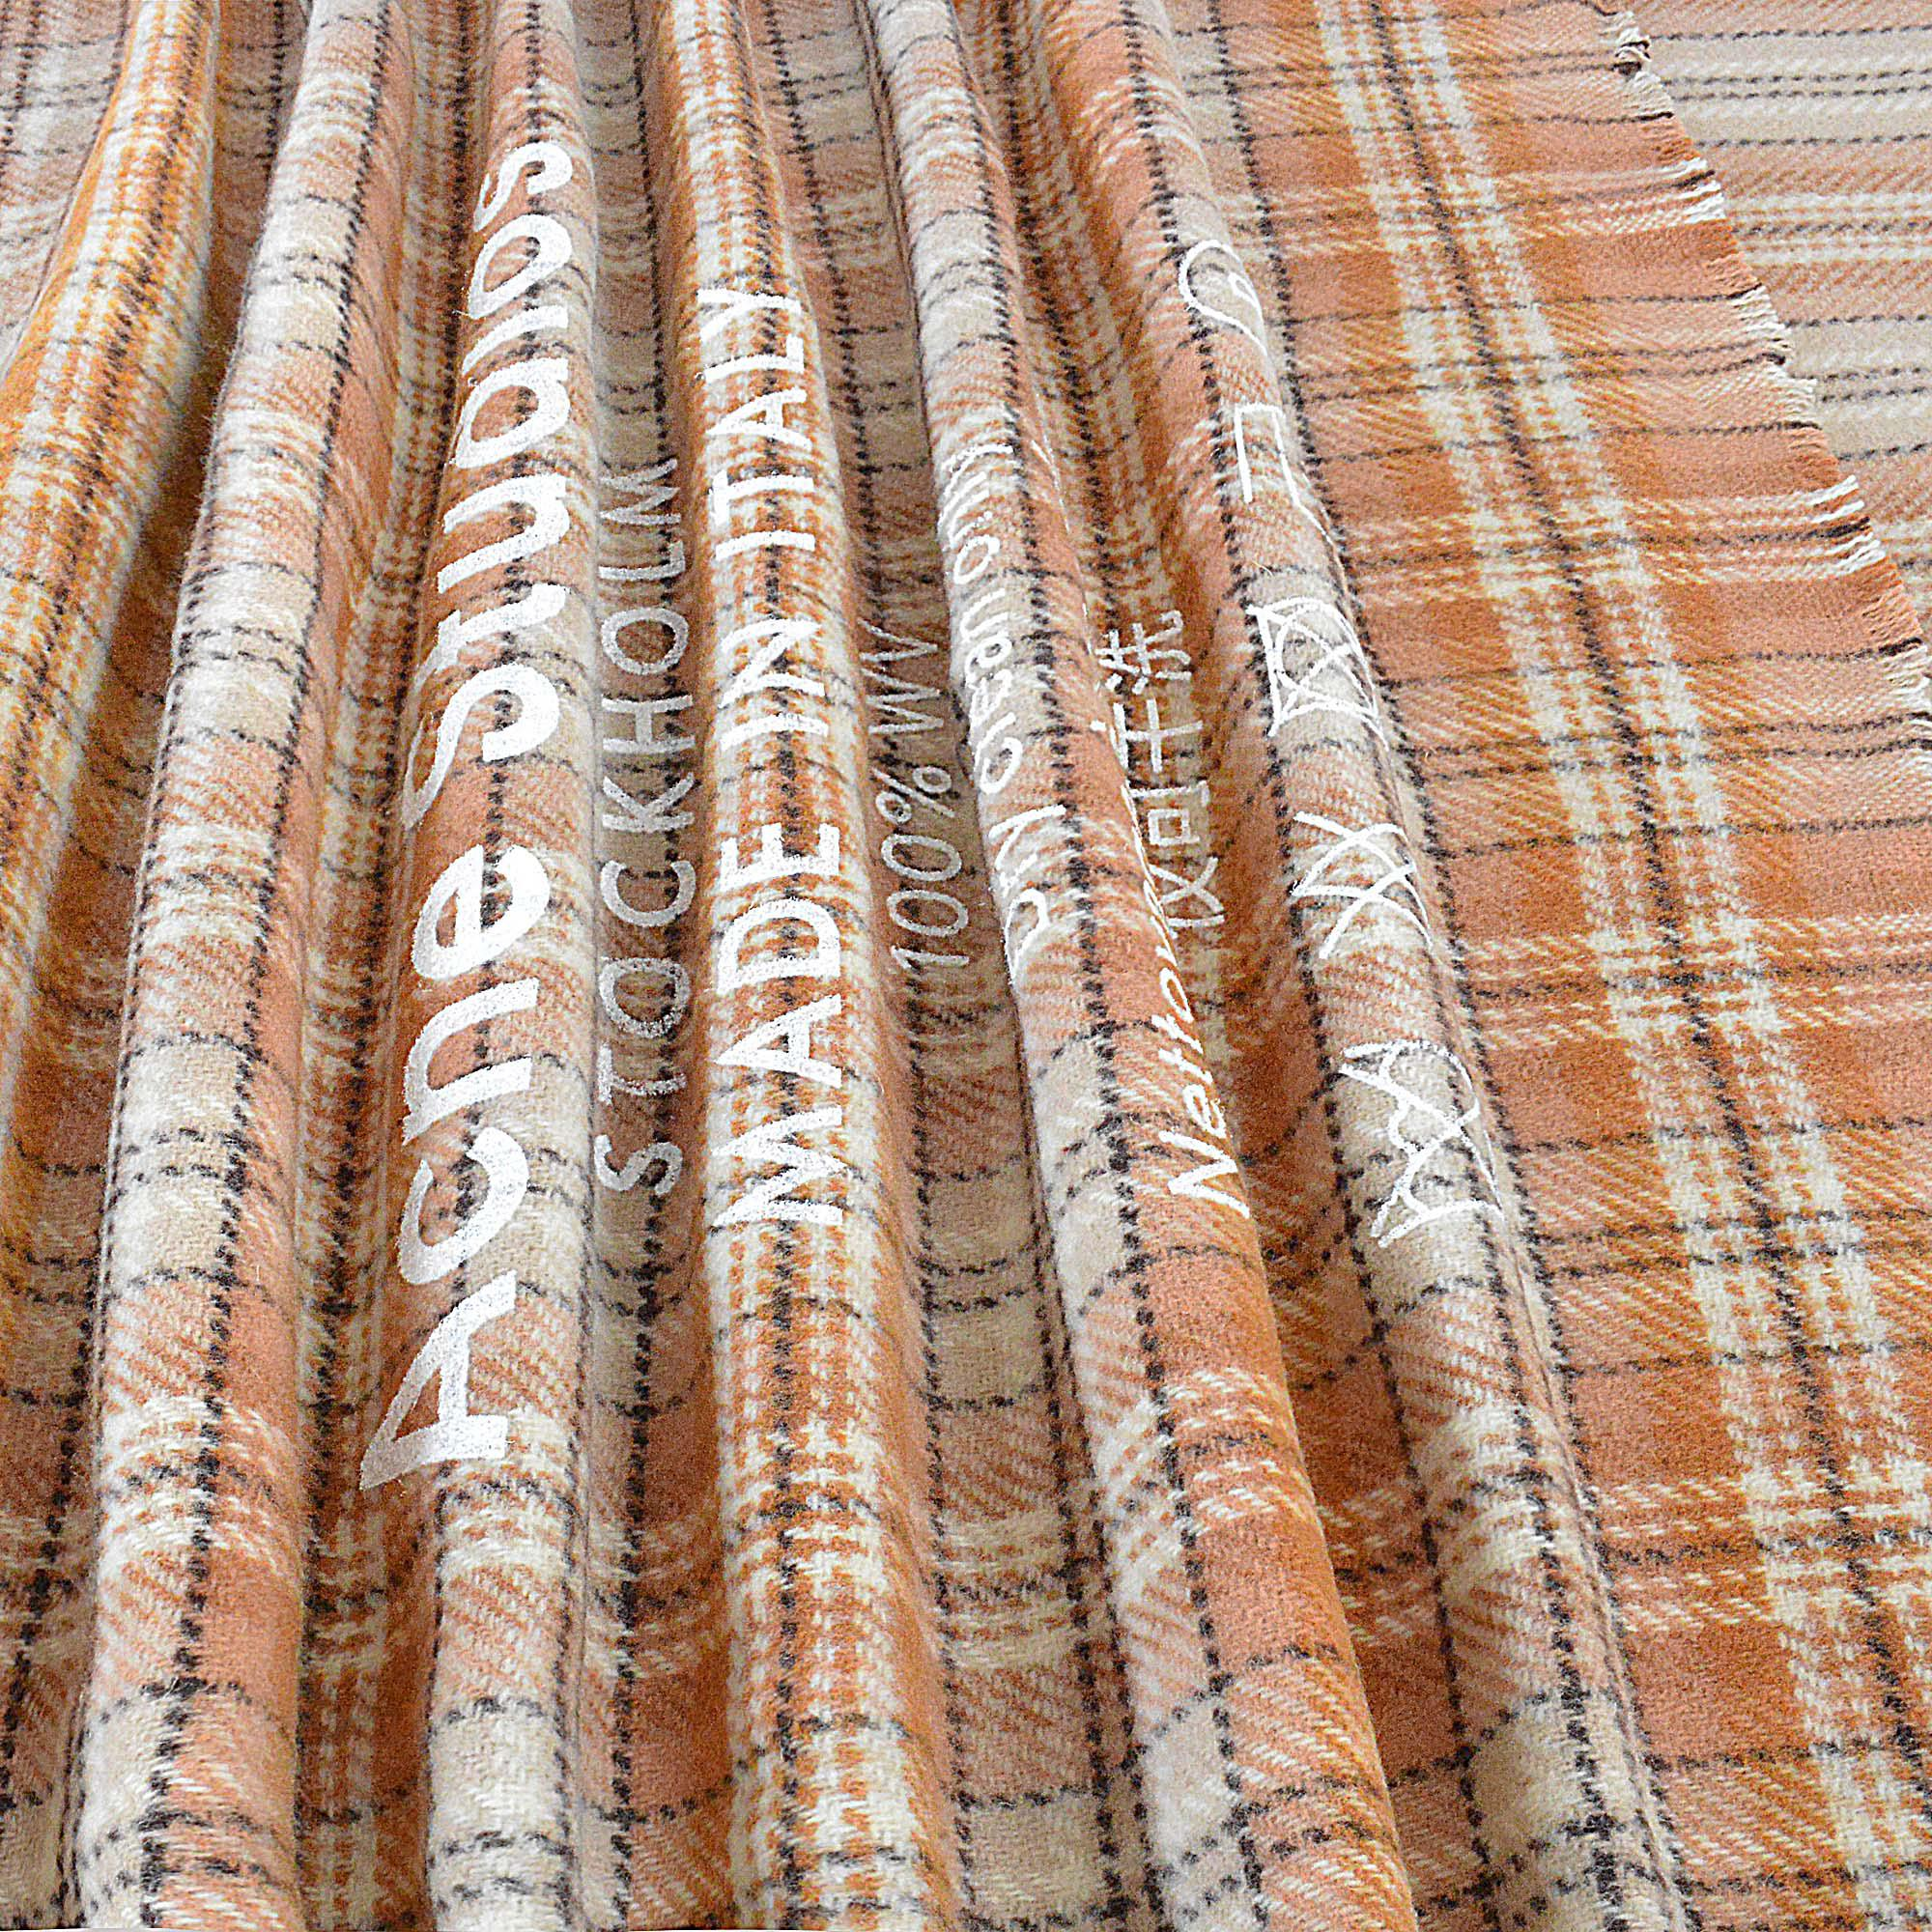 9b33face471a Lyst - Echarpe cassiar check en laine beige et marron Acne Studios ...